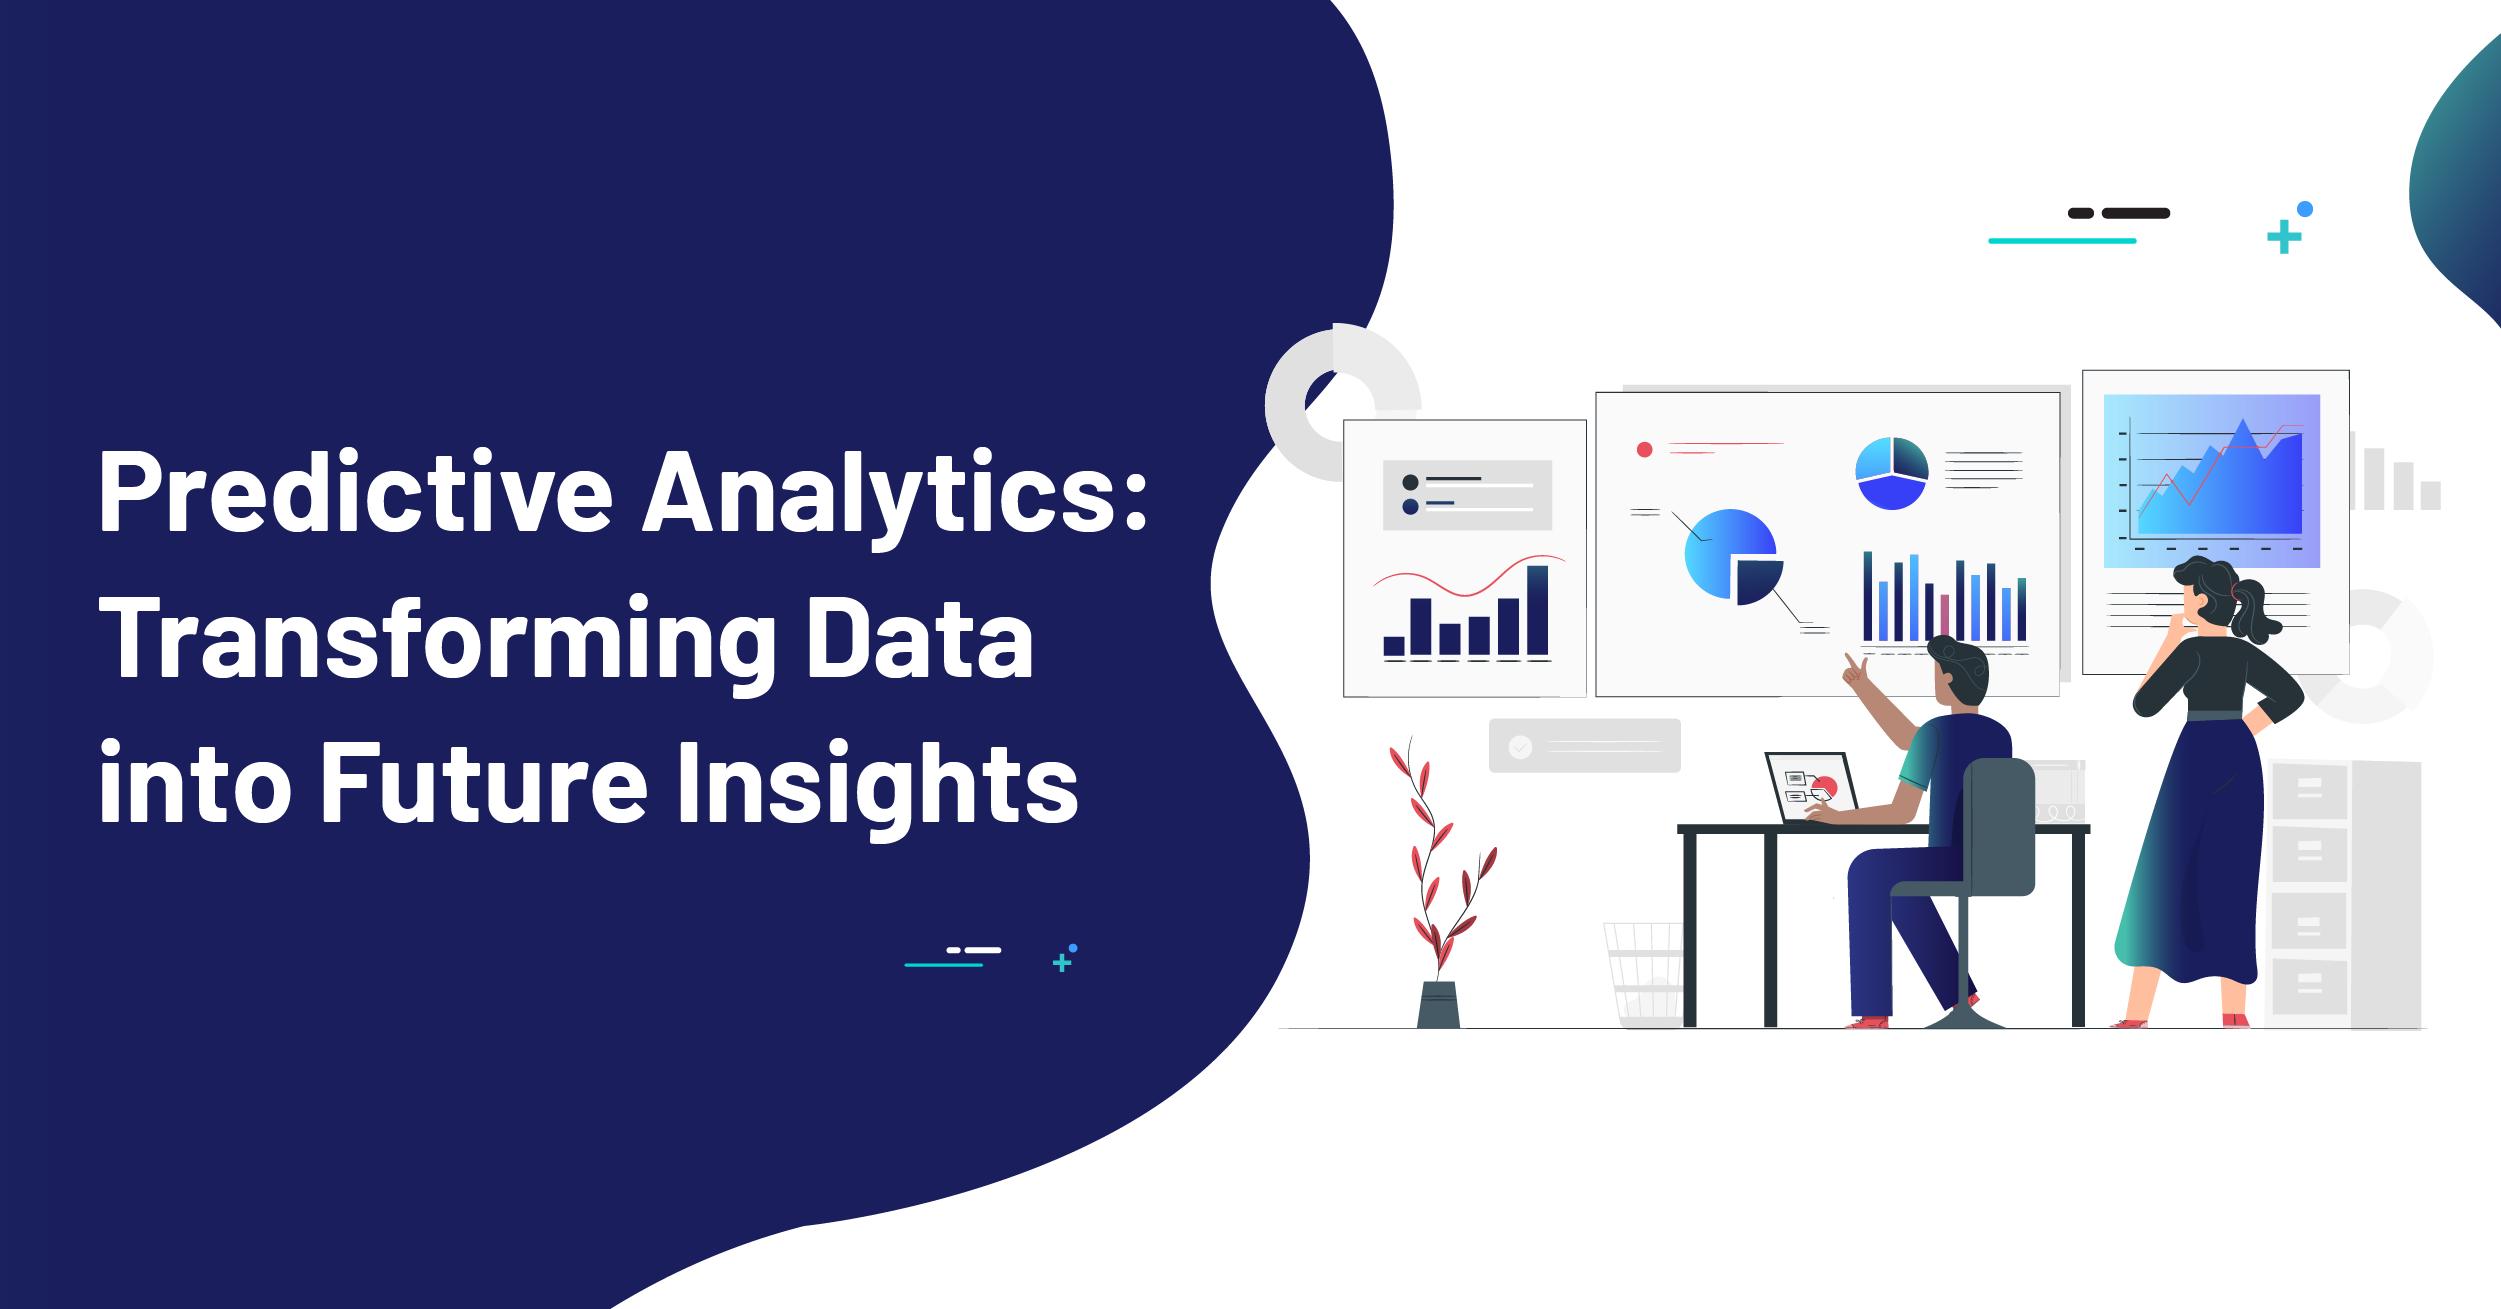 Predictive Analytics Transformi Data into Future Insights